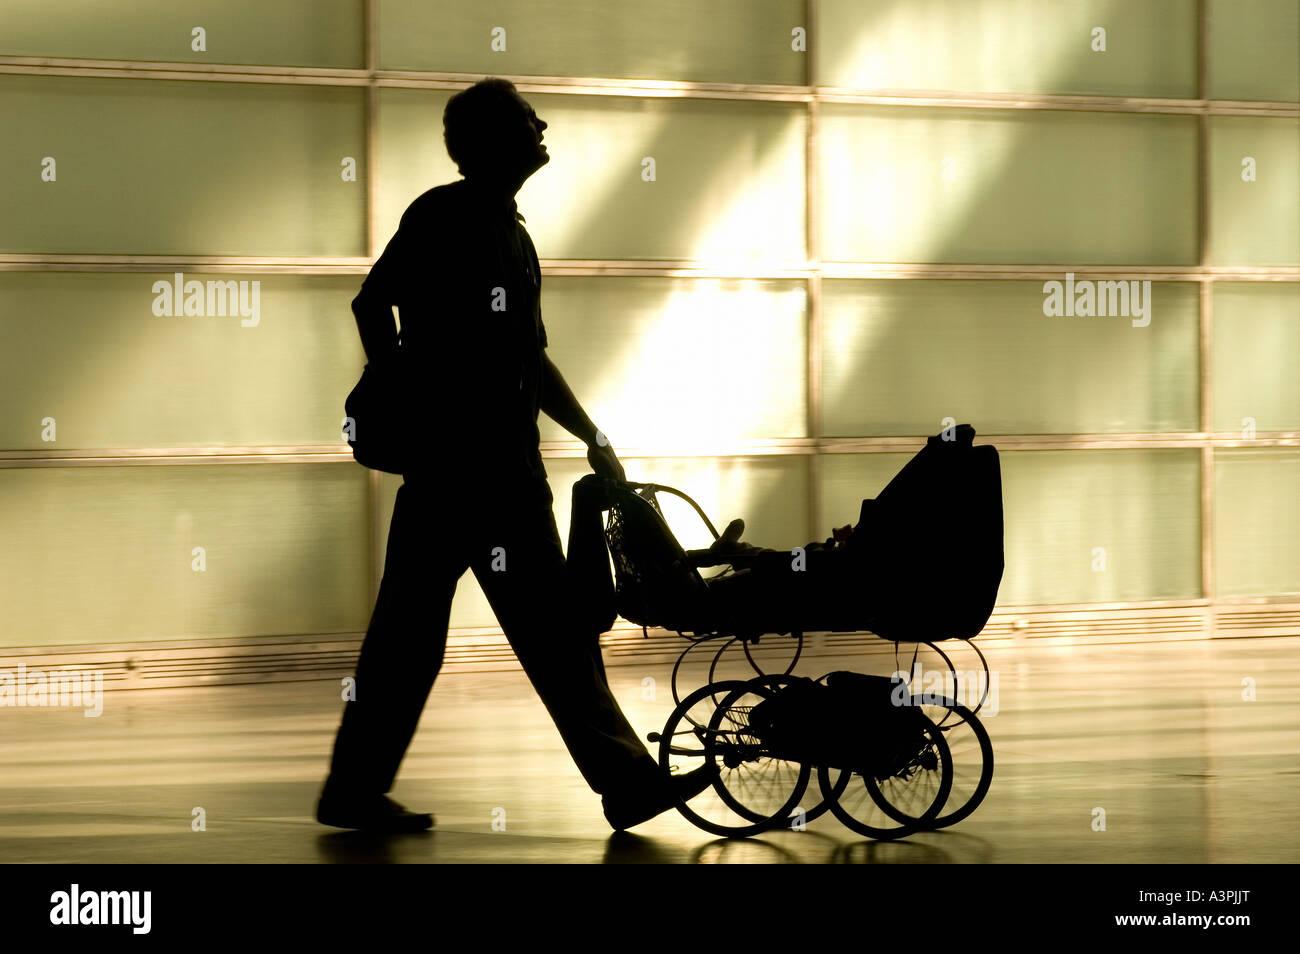 Silhouette di un uomo con un bambino passeggino Immagini Stock